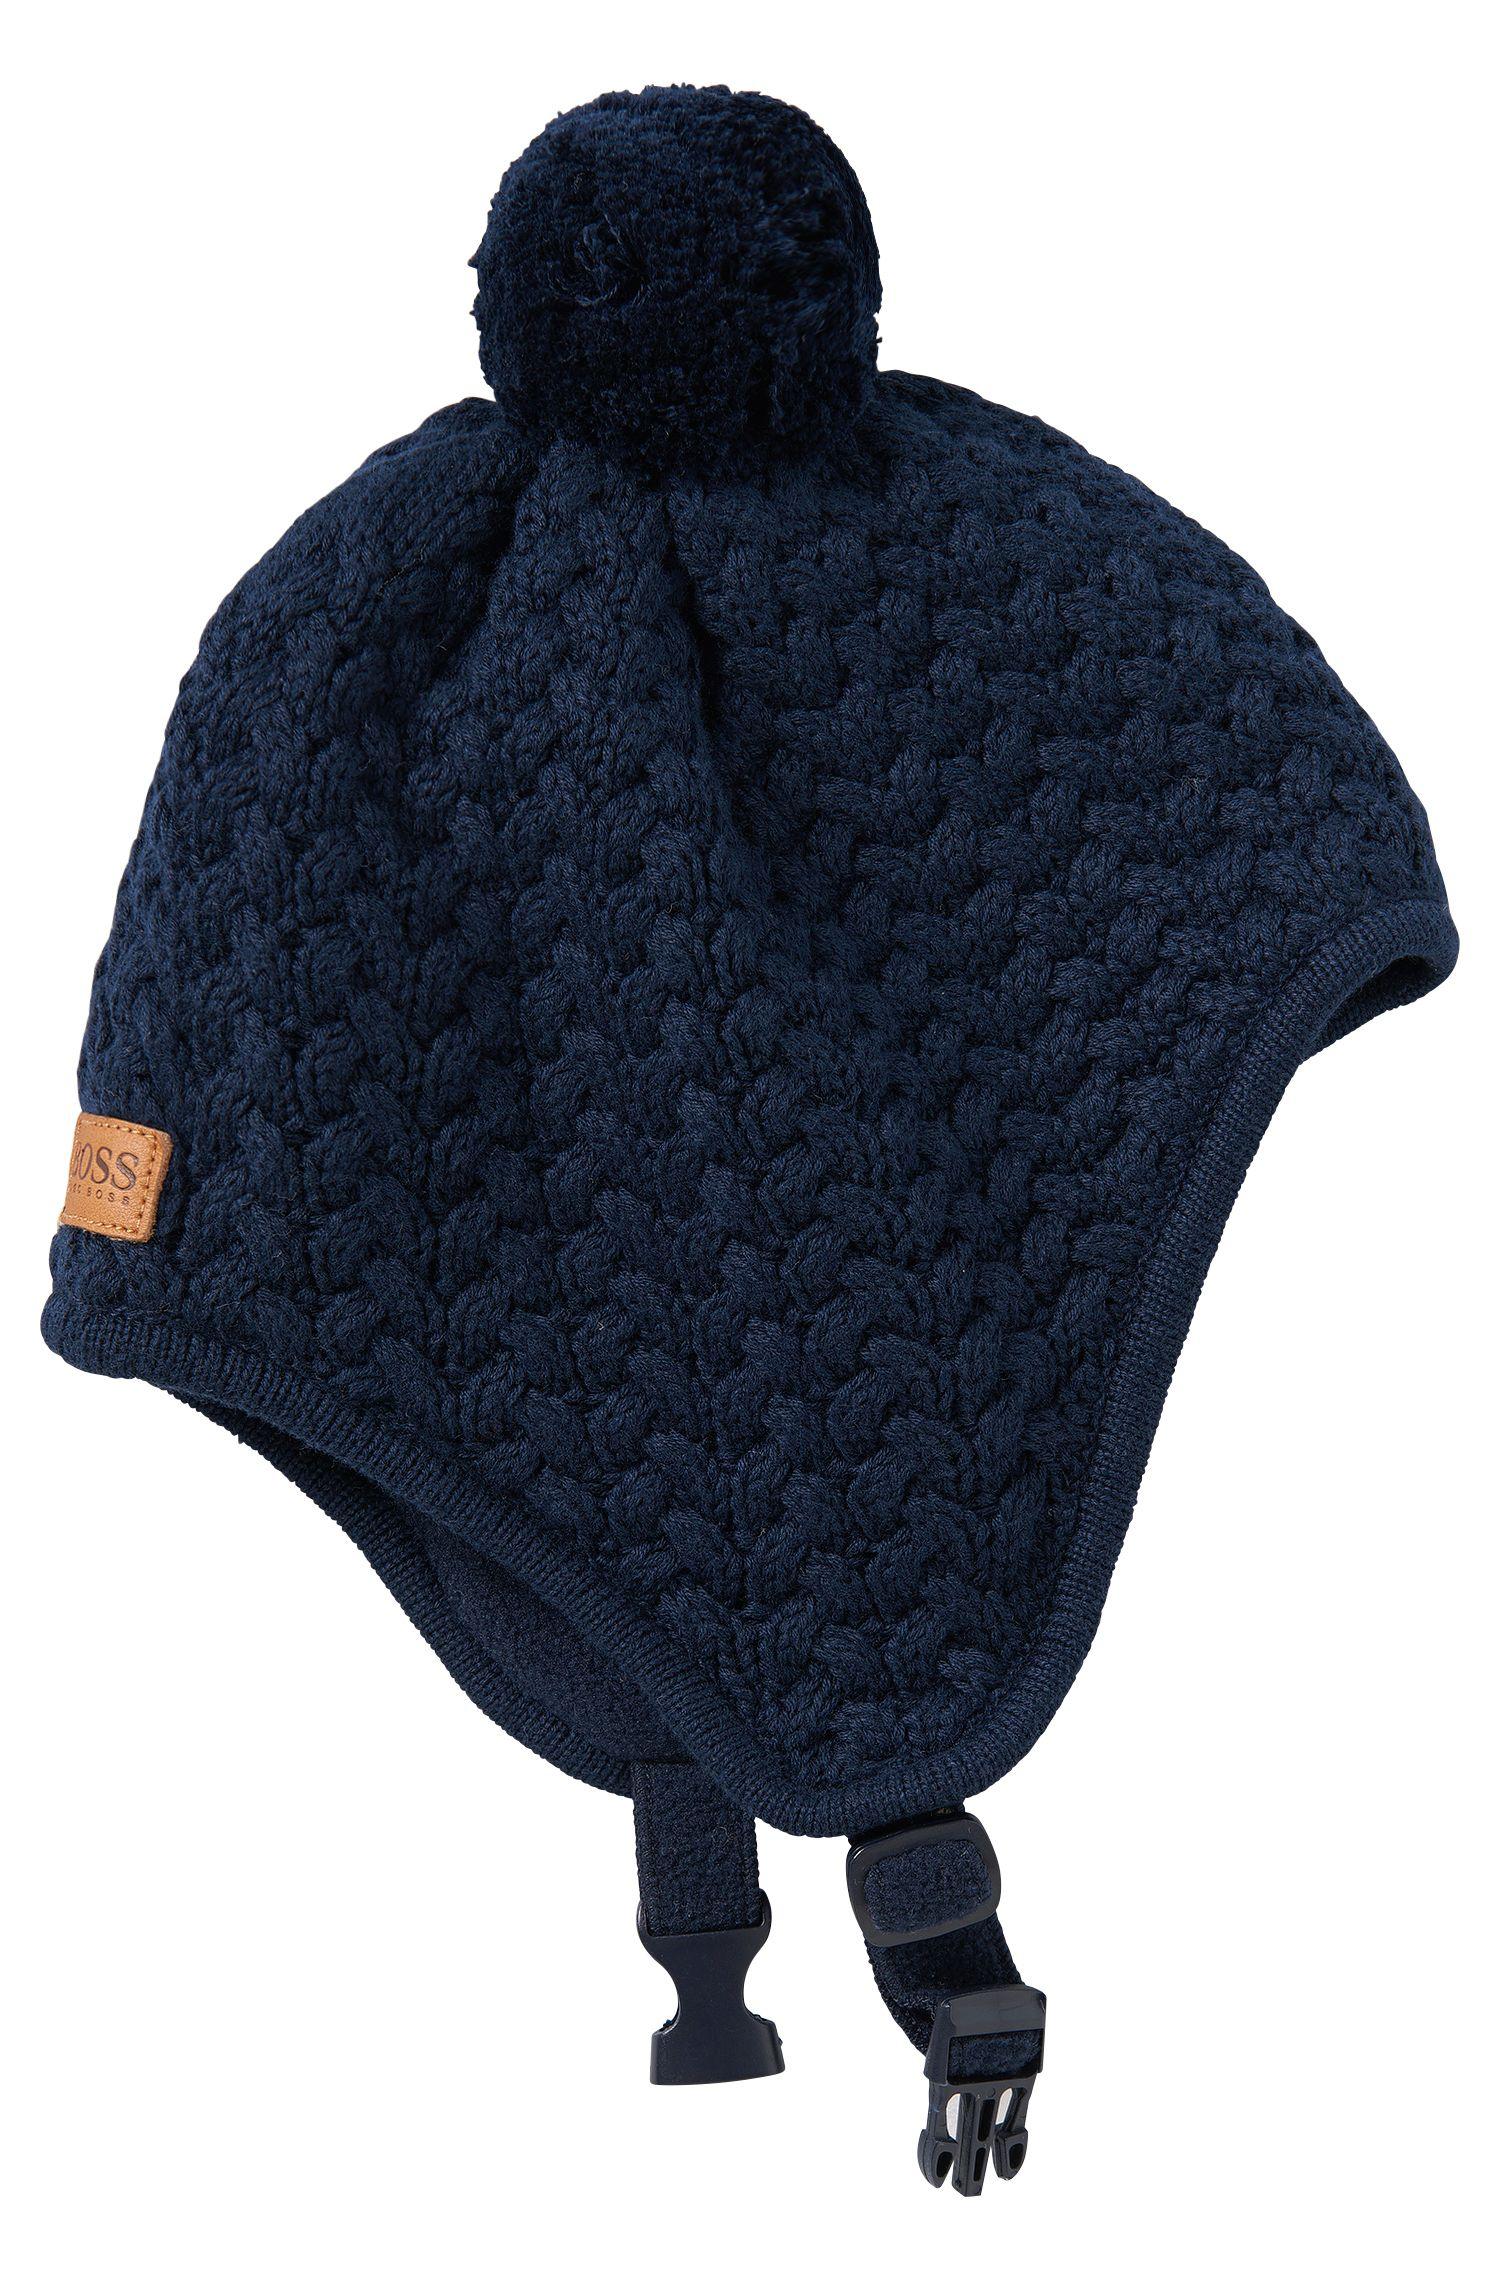 'J01064' | Toddler Knit Fleece Lined Hat